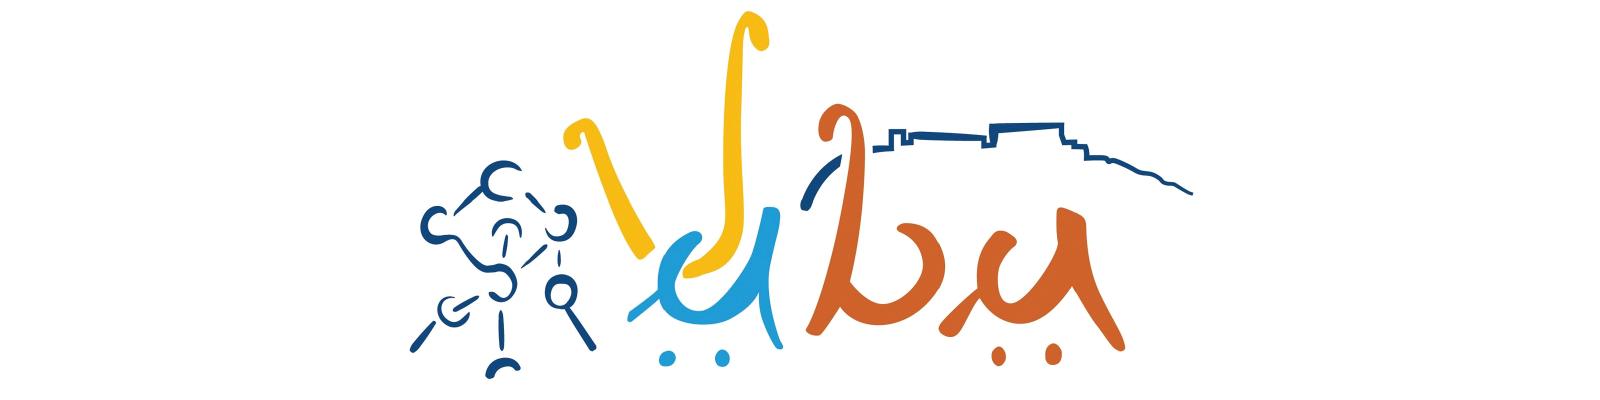 logo_2-_2bis_google_forms.png